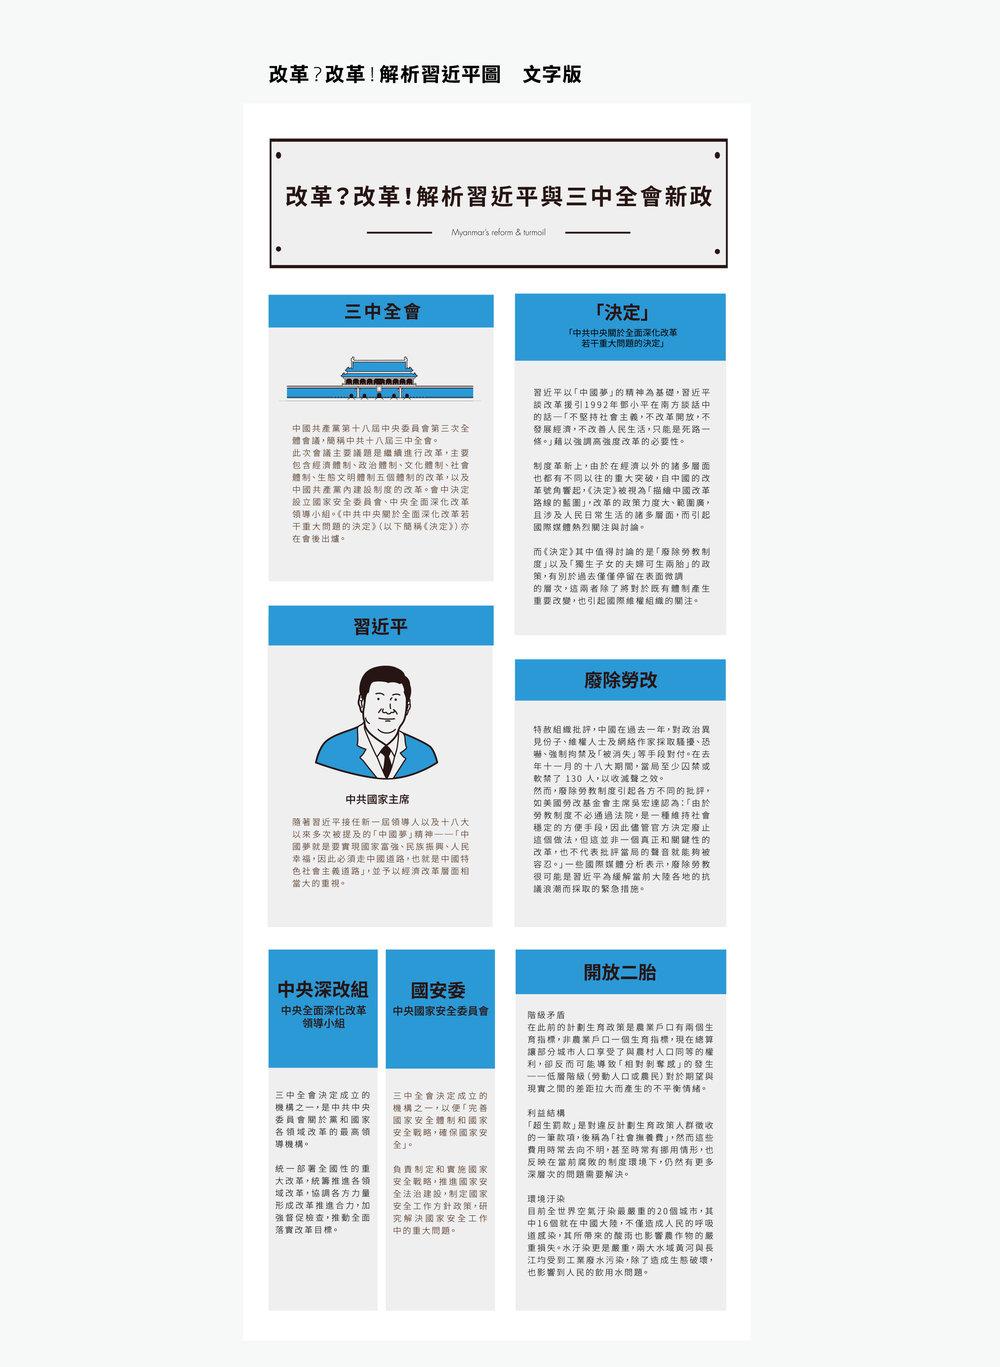 人人都能上手的資訊圖表設計術-7.jpg